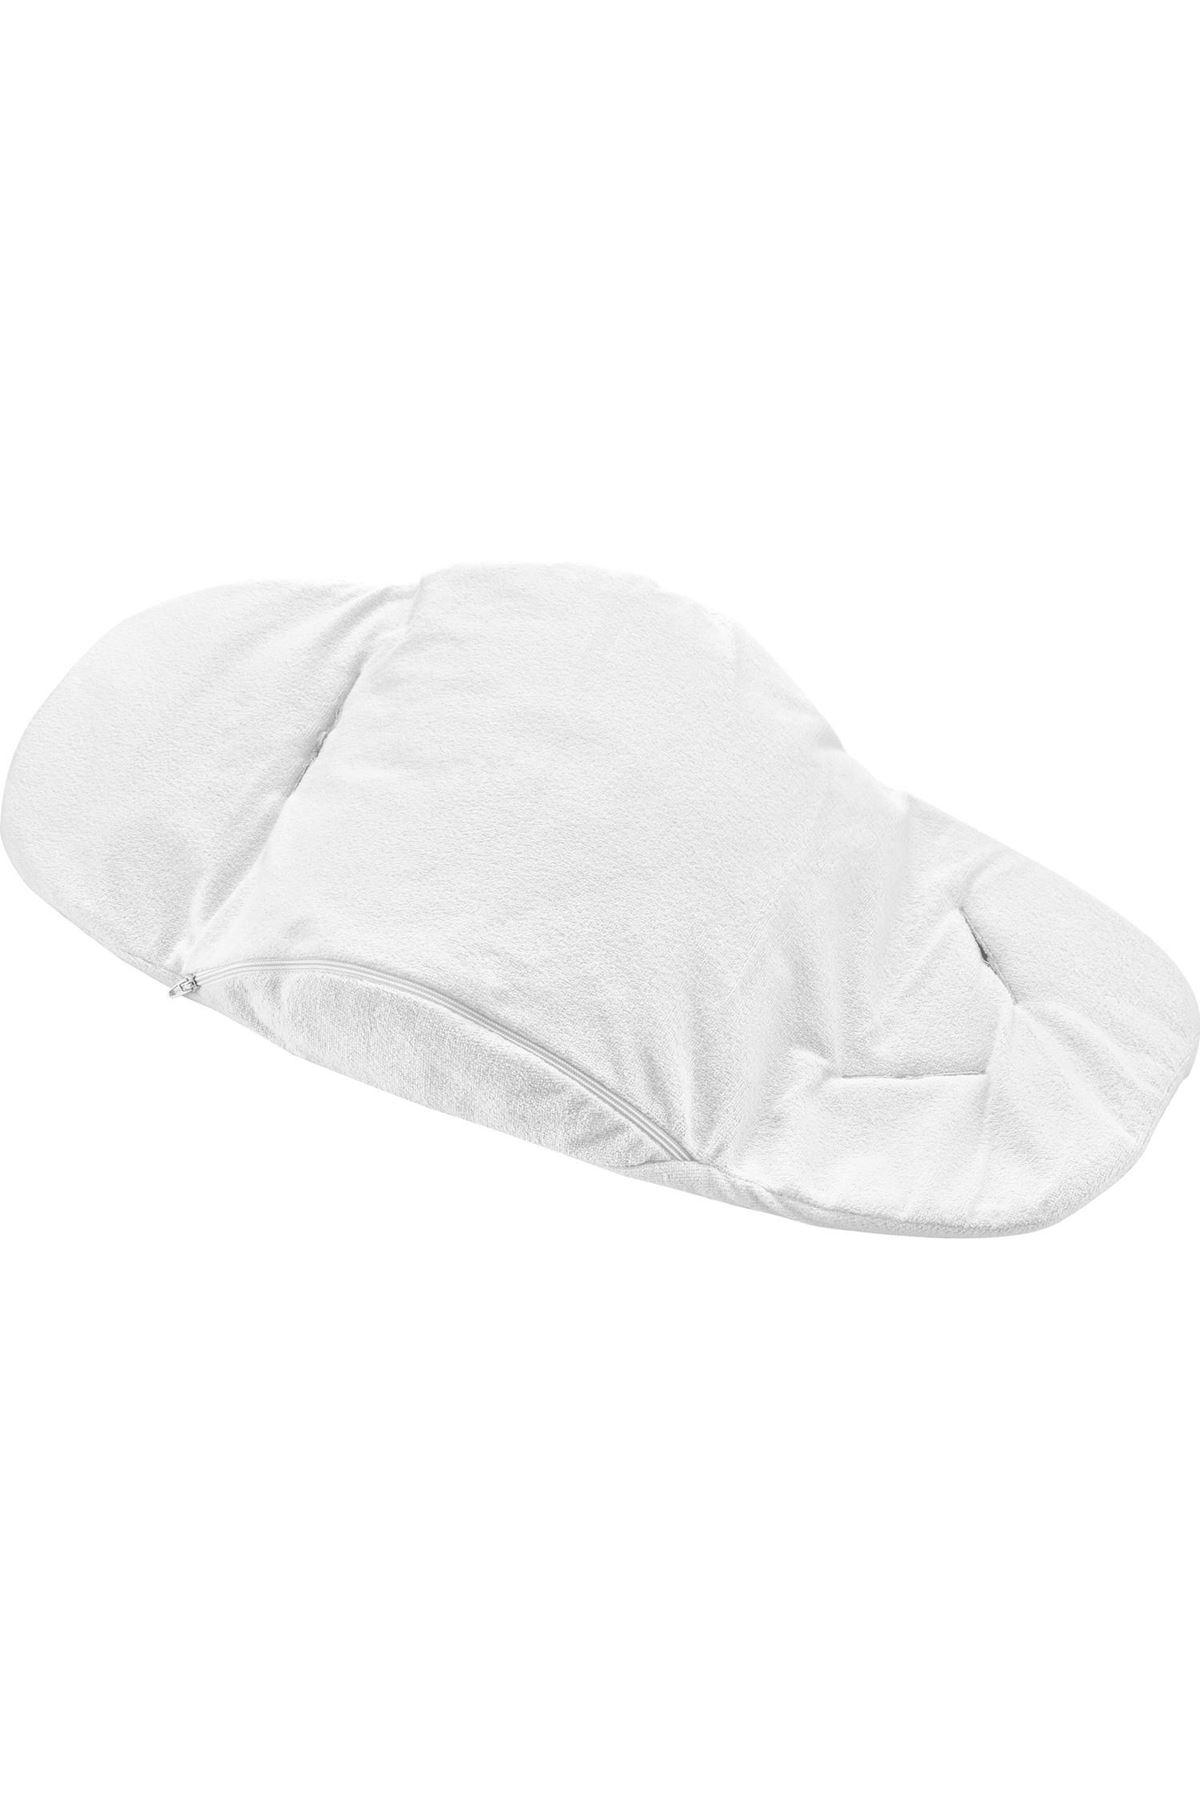 BabyJem Ana Kucağı Bel Desteği Havlu 158 Beyaz